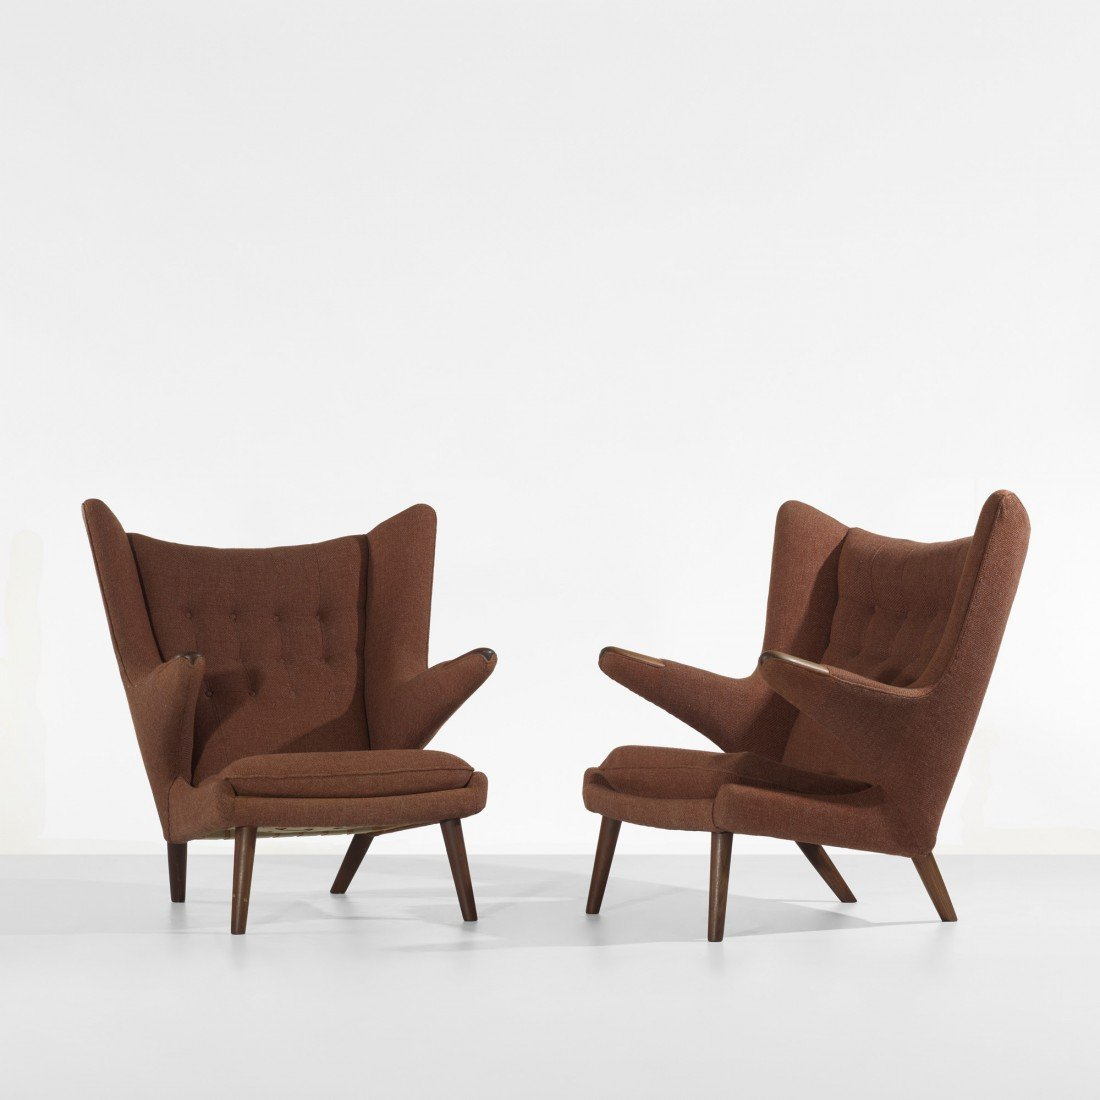 121: Hans Wegner Papa Bear chairs, pair